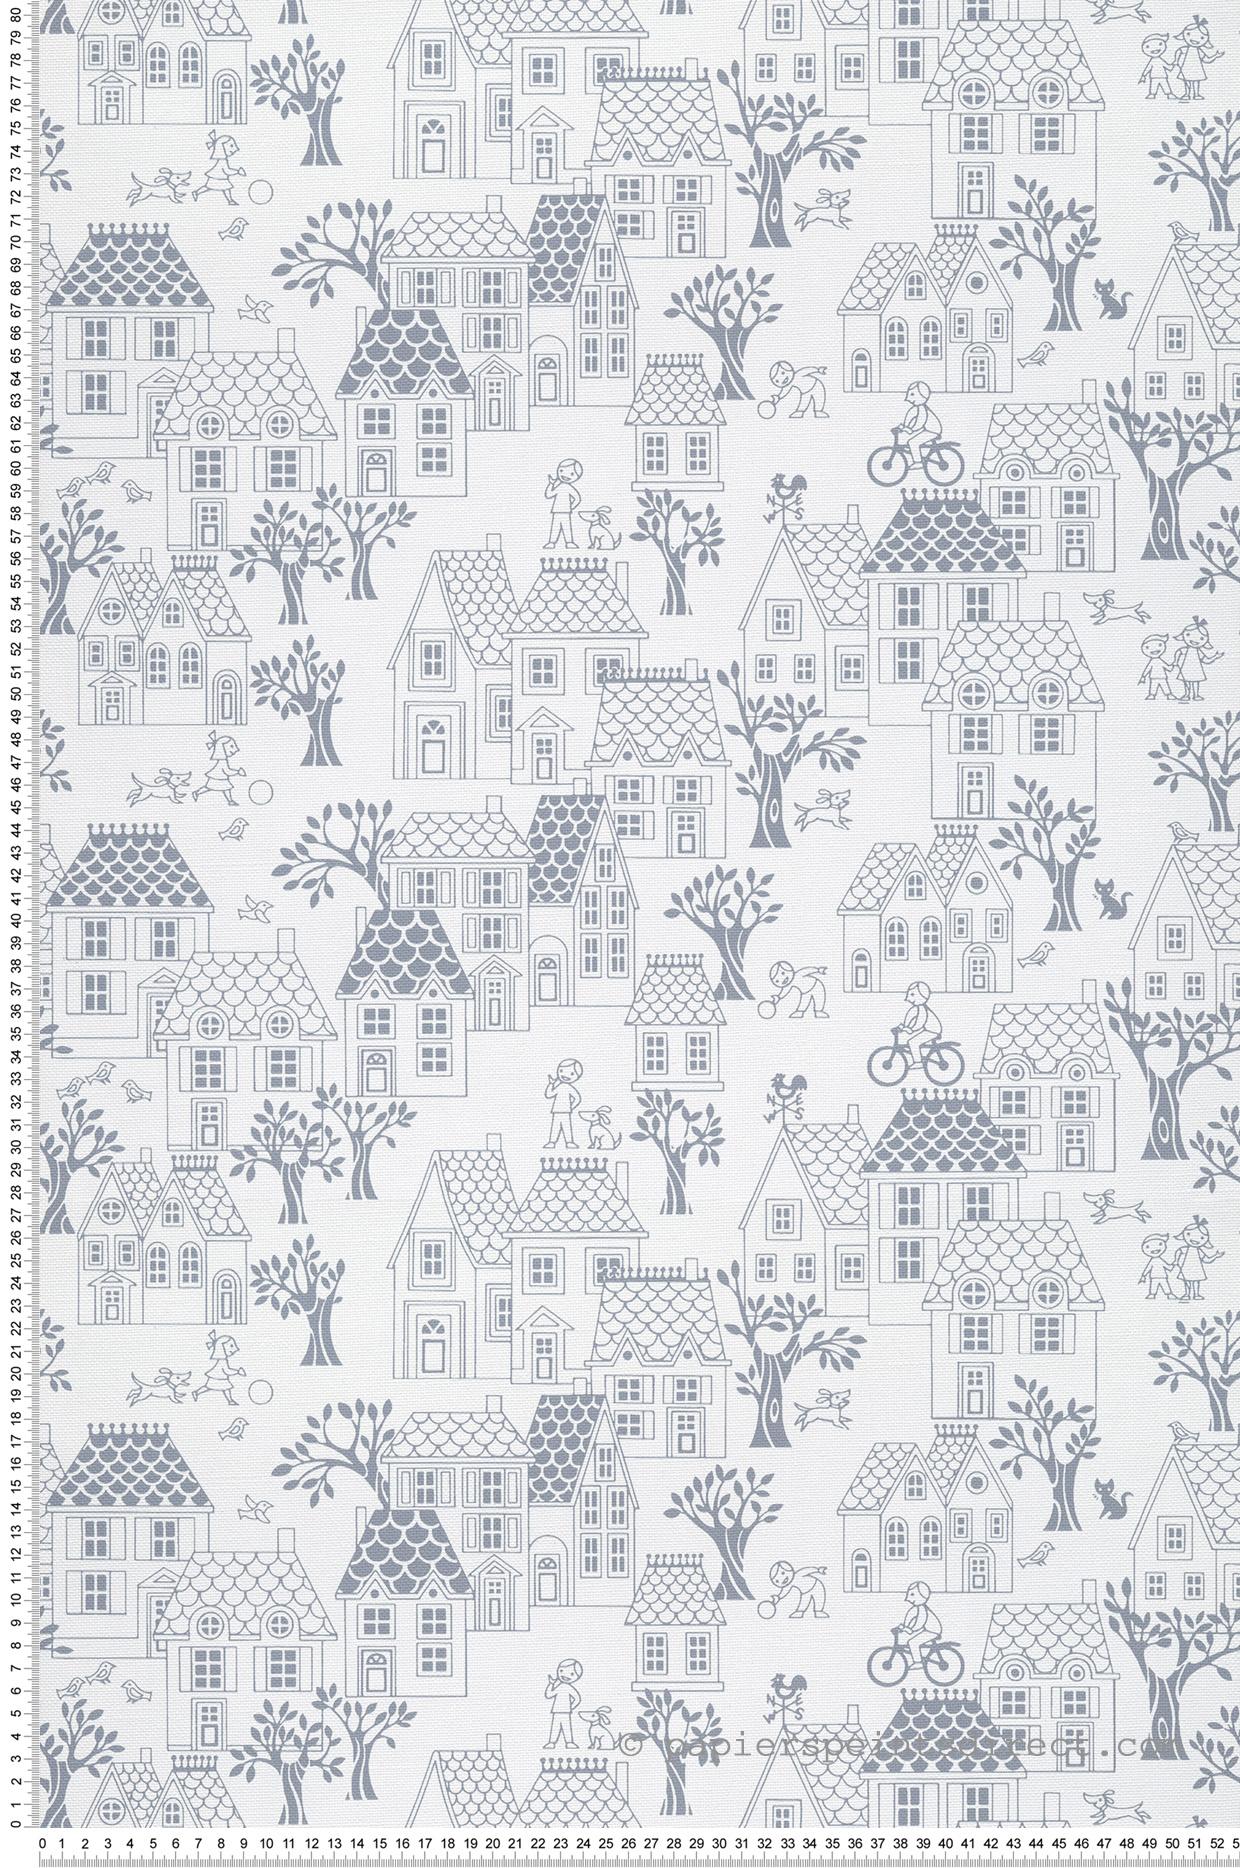 Papier peint enfant Village gris ardoise - Jack N Rose 2 de Montecolino | Réf. MC-LL05074